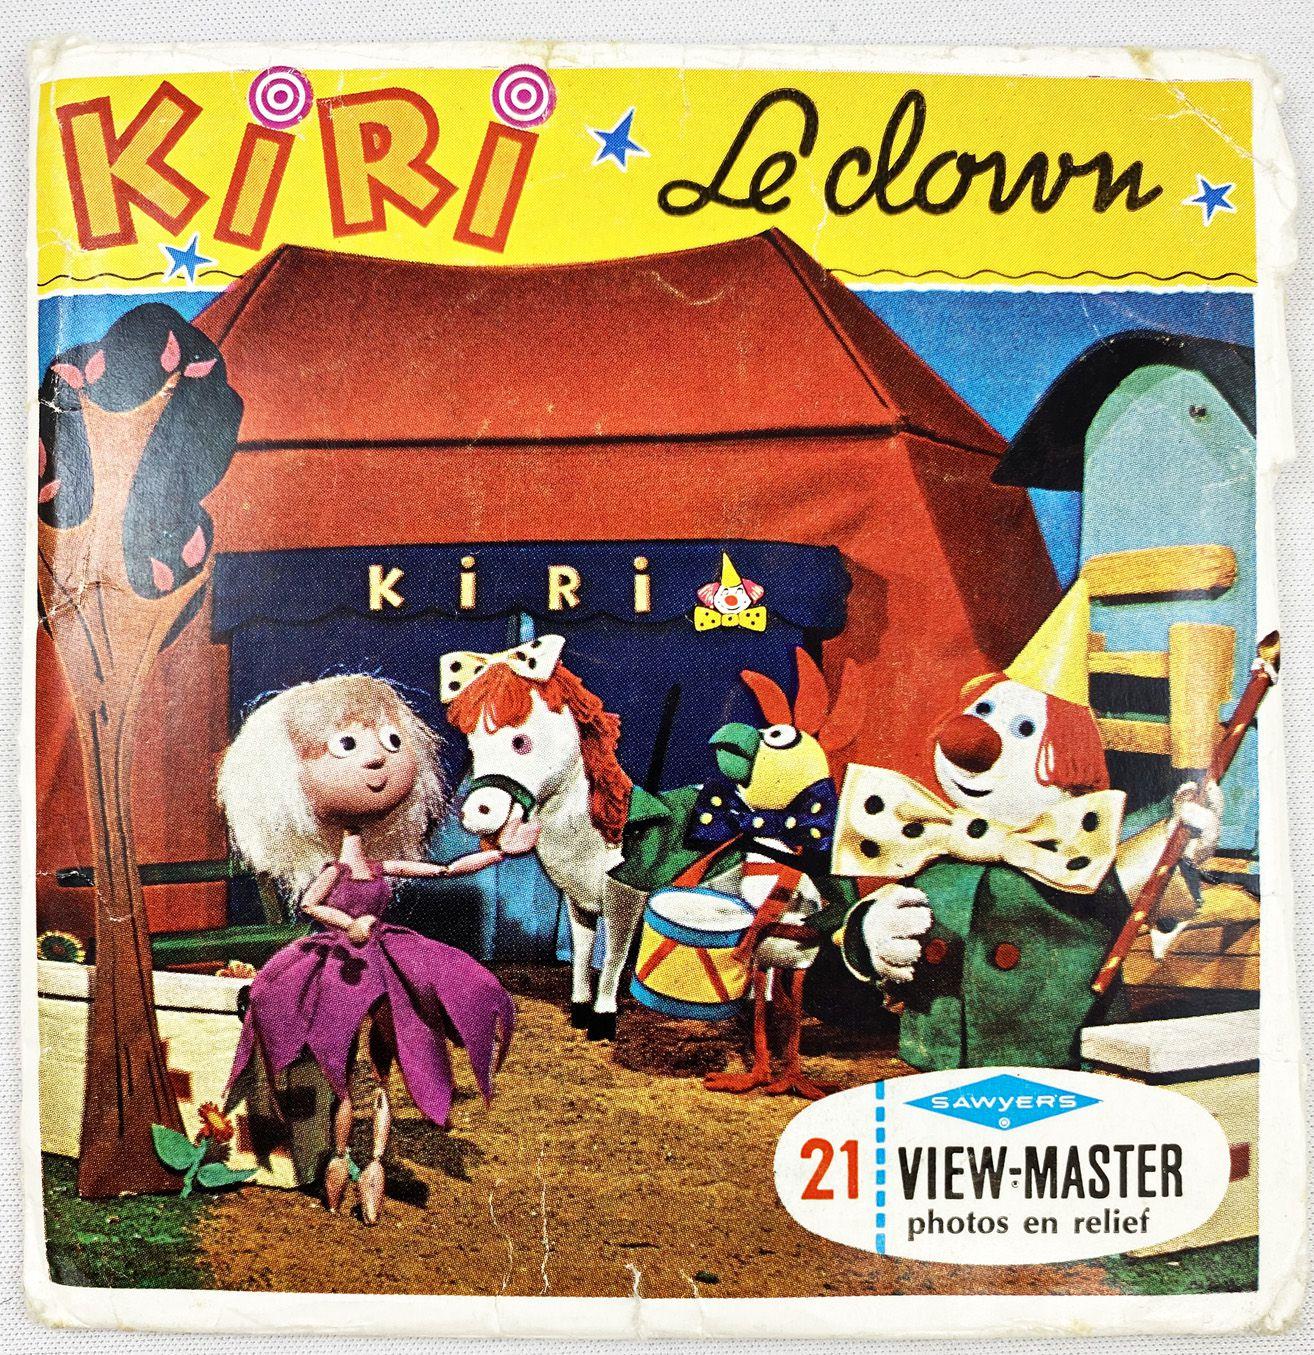 Kiri le Clown - View-Master (Sawyer\'s Inc.) - Pochette de 3 disques (21 images stéréo) et Livret